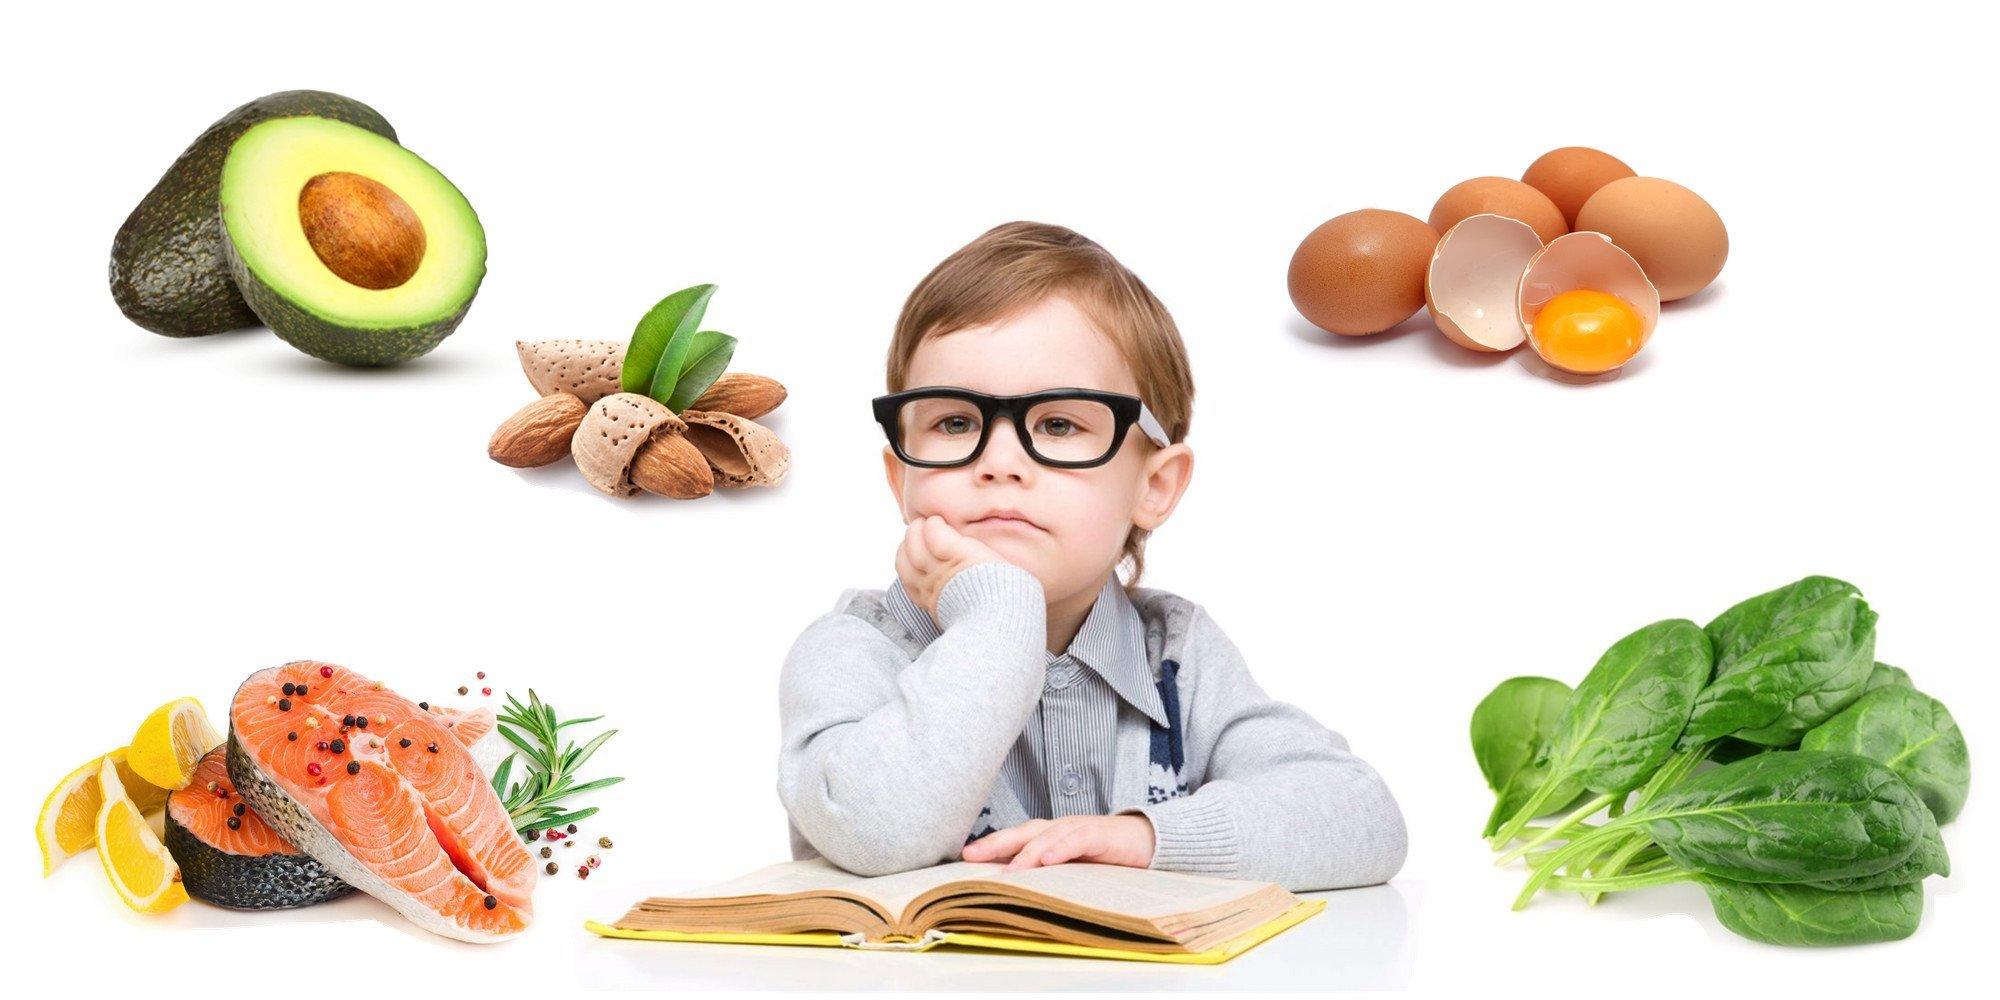 Xây dựng chế độ dinh dưỡng cho trẻ từ 1 đến 3 tuổi